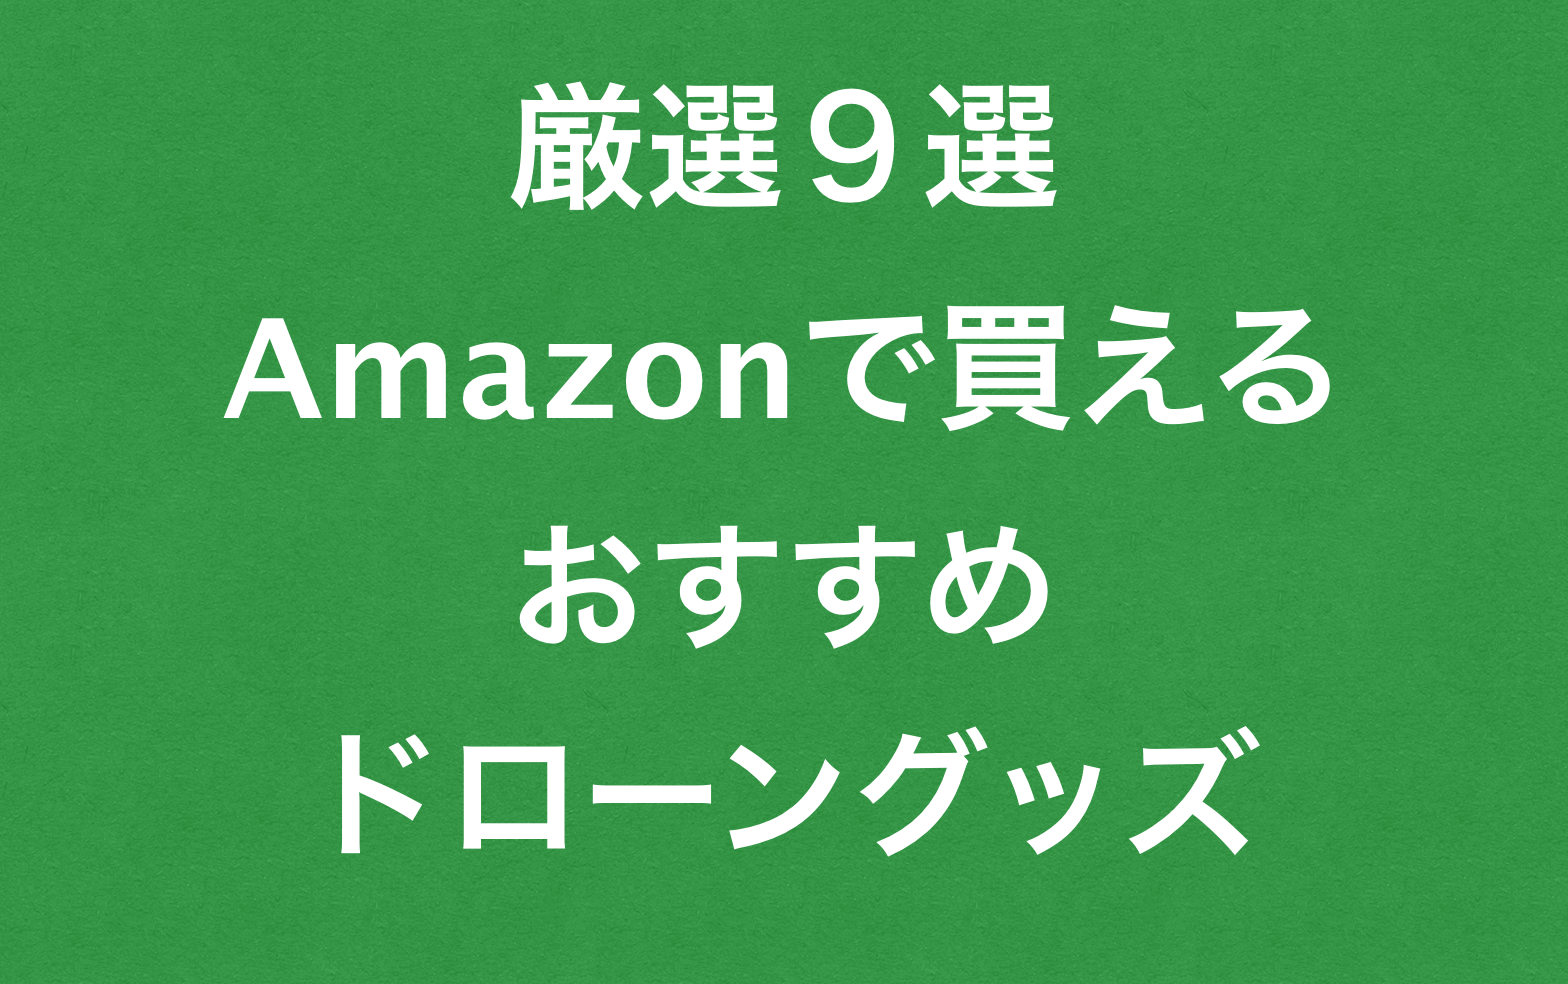 【 Amazonで購入可】 買ってよかったドローングッズ9選